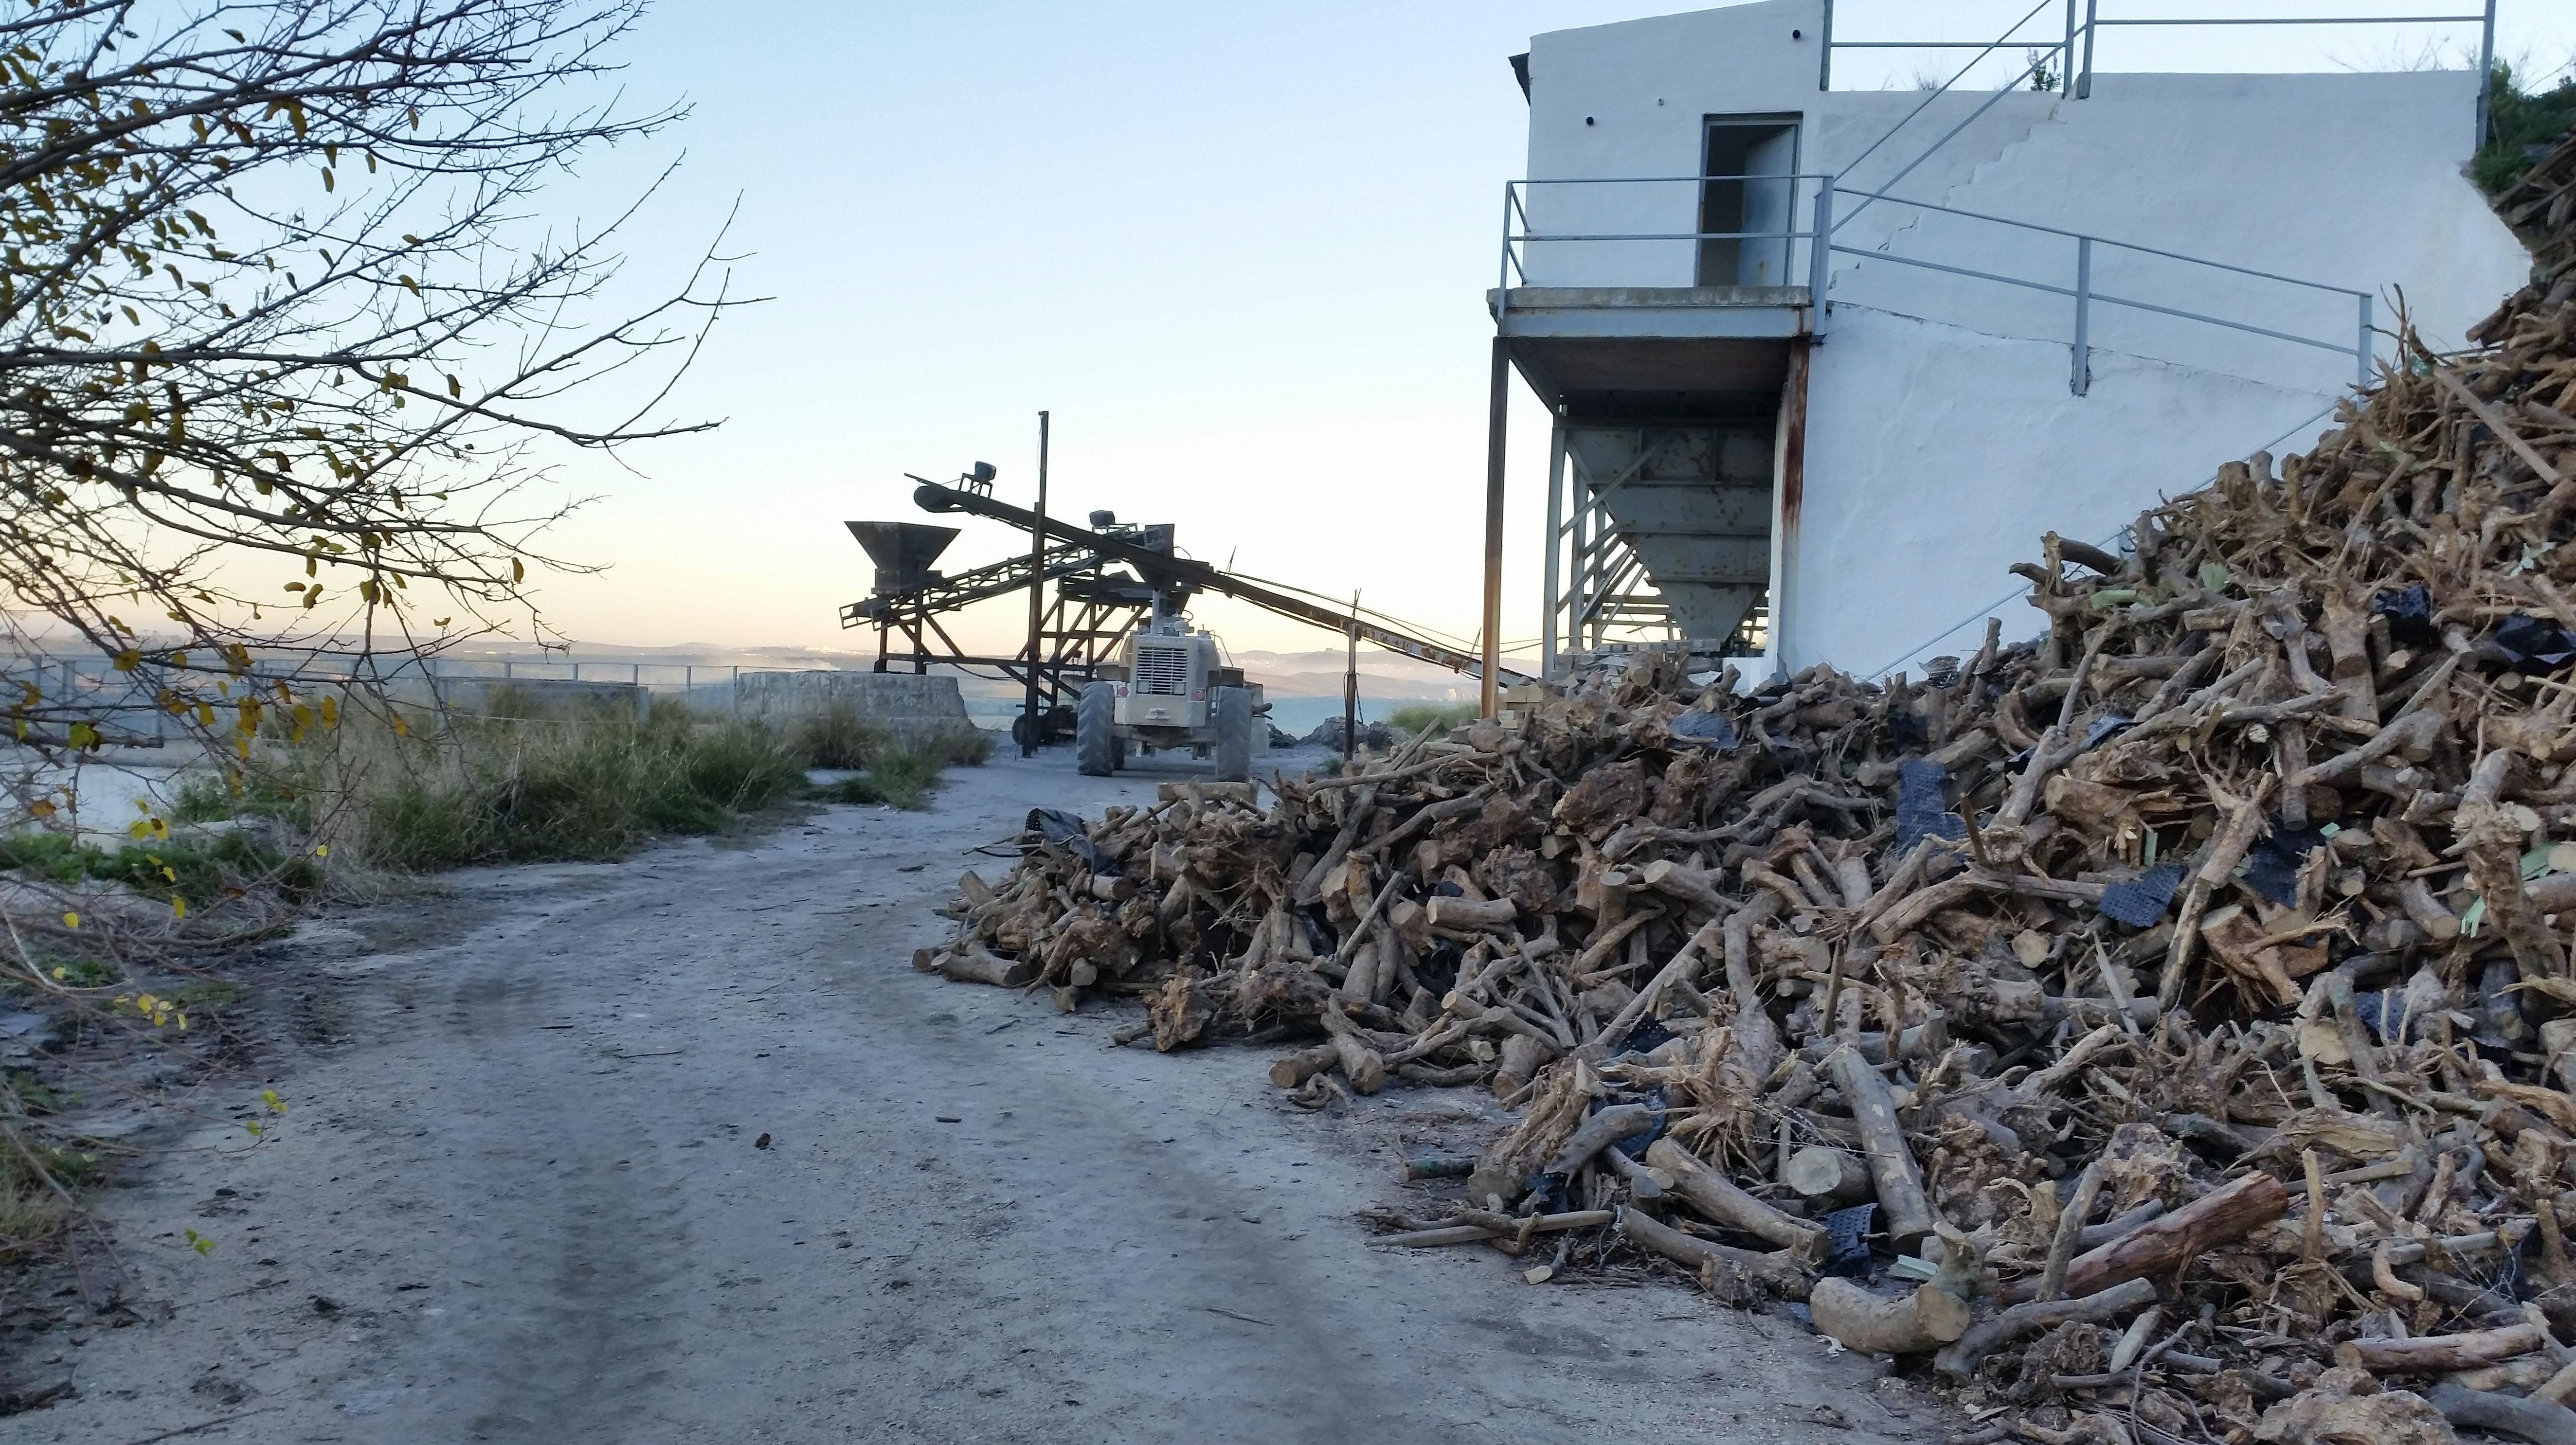 Producción ecológica de cal viva en hornos de leña